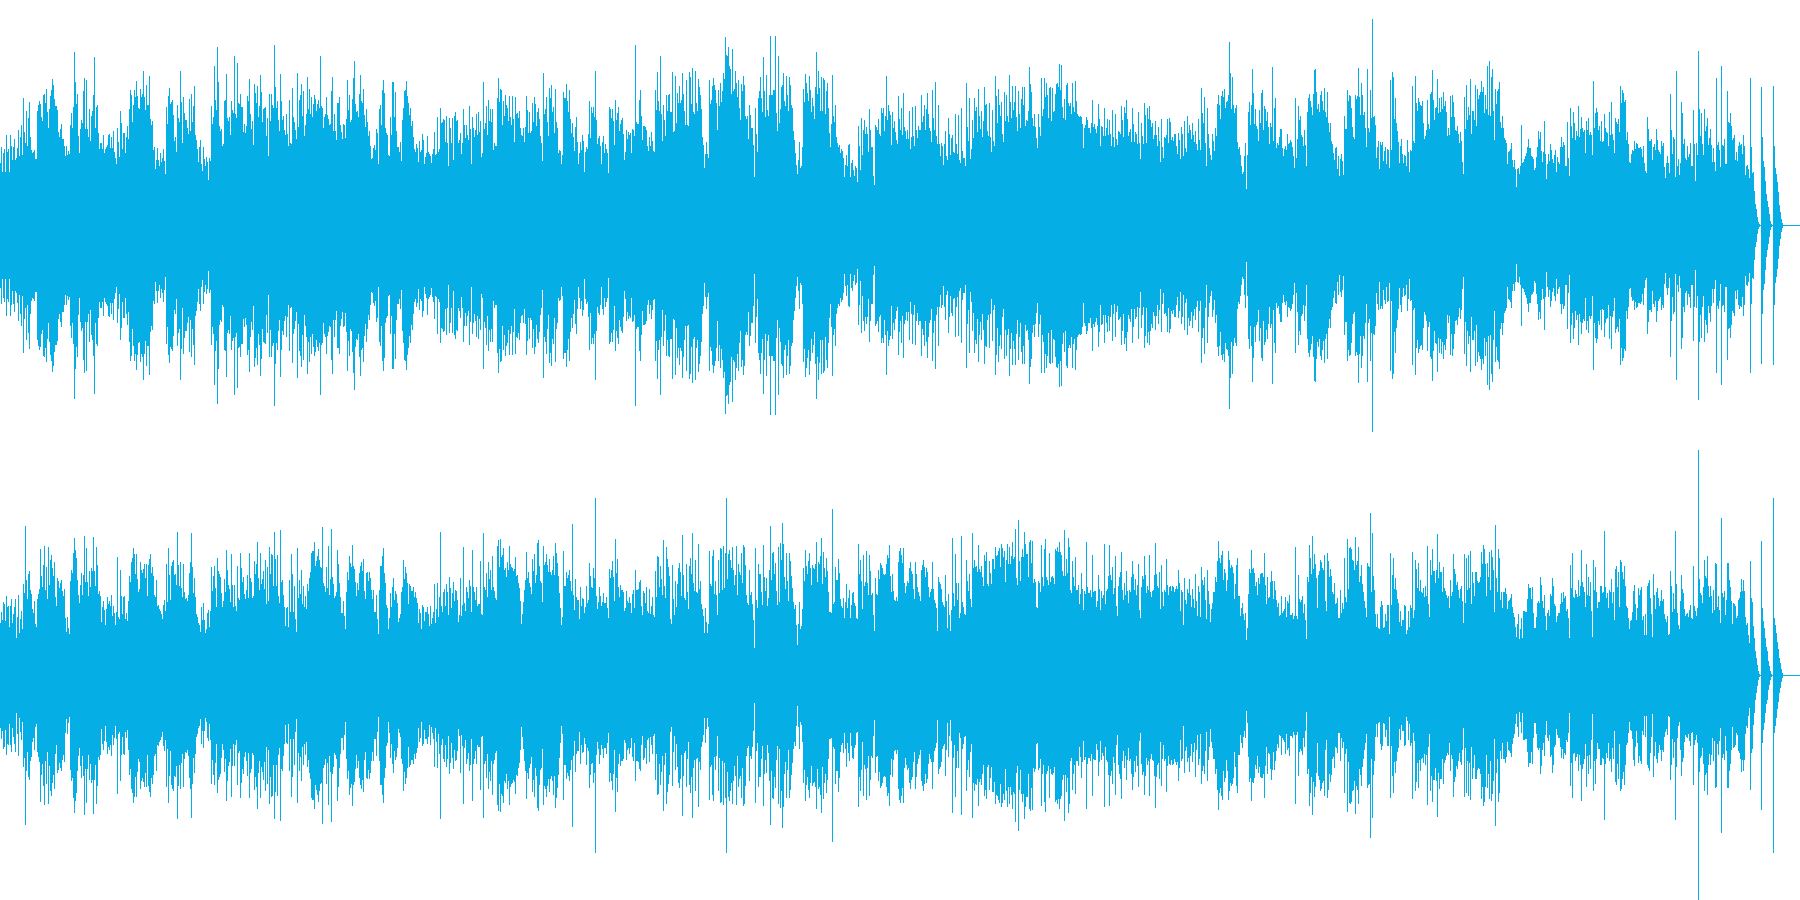 ベルガマスク組曲 パスピエ オルゴールの再生済みの波形